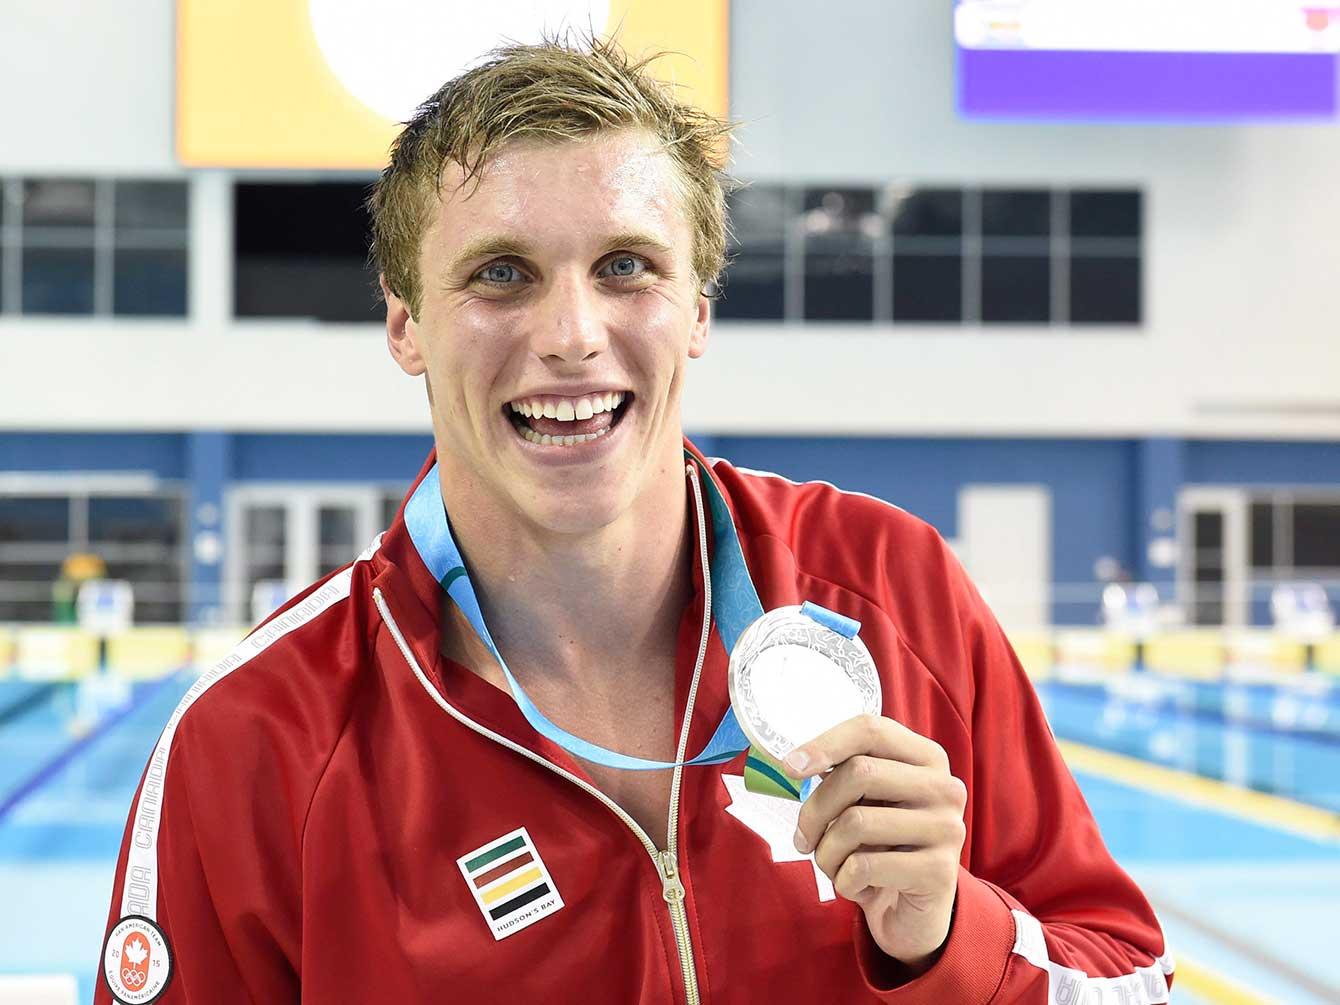 Silver medallist in the 100m freestyle Santo Condorelli.